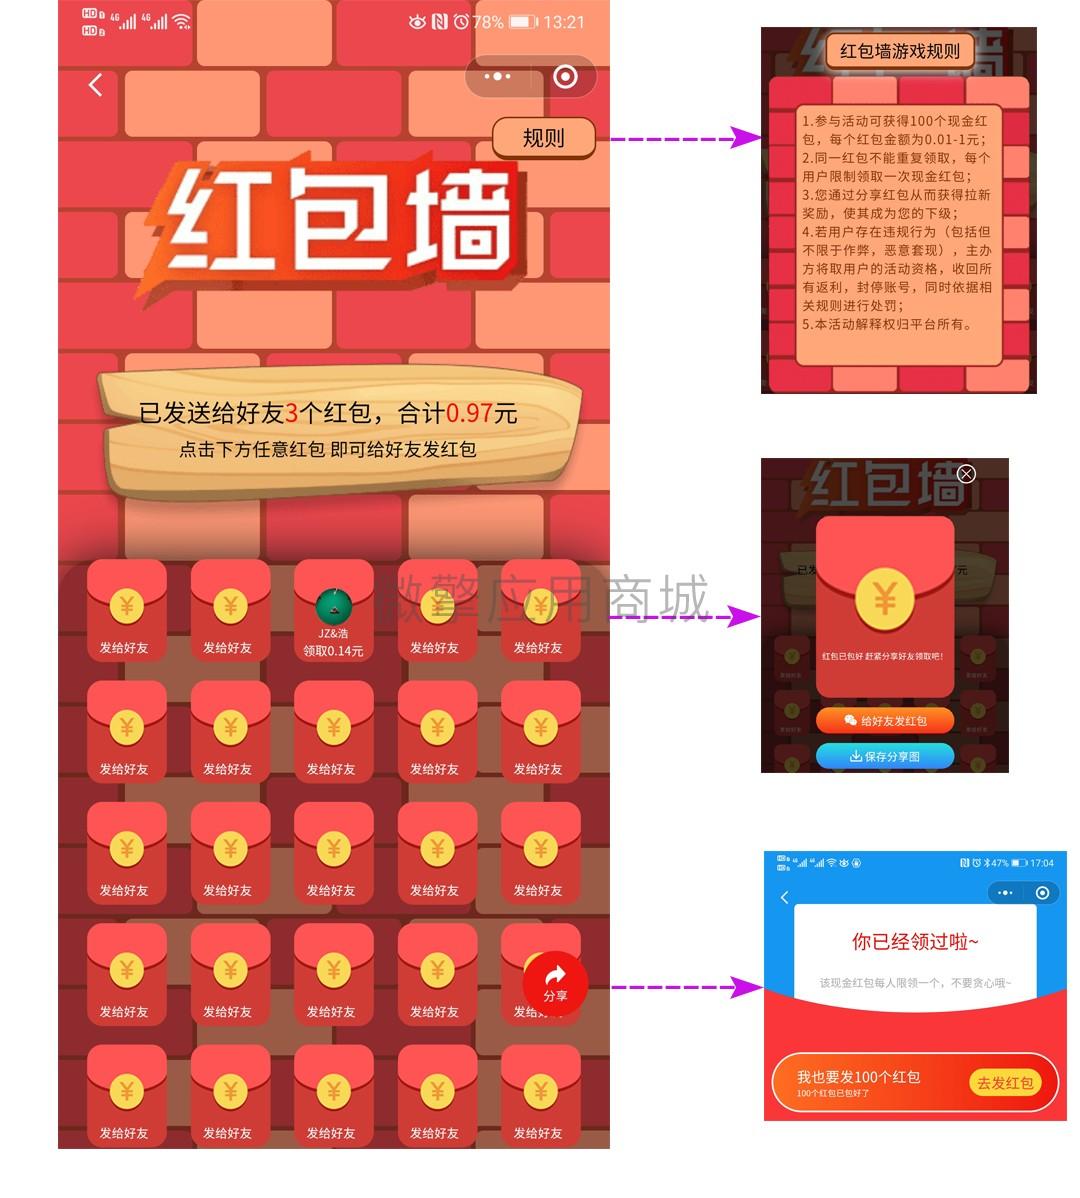 红包墙.jpg